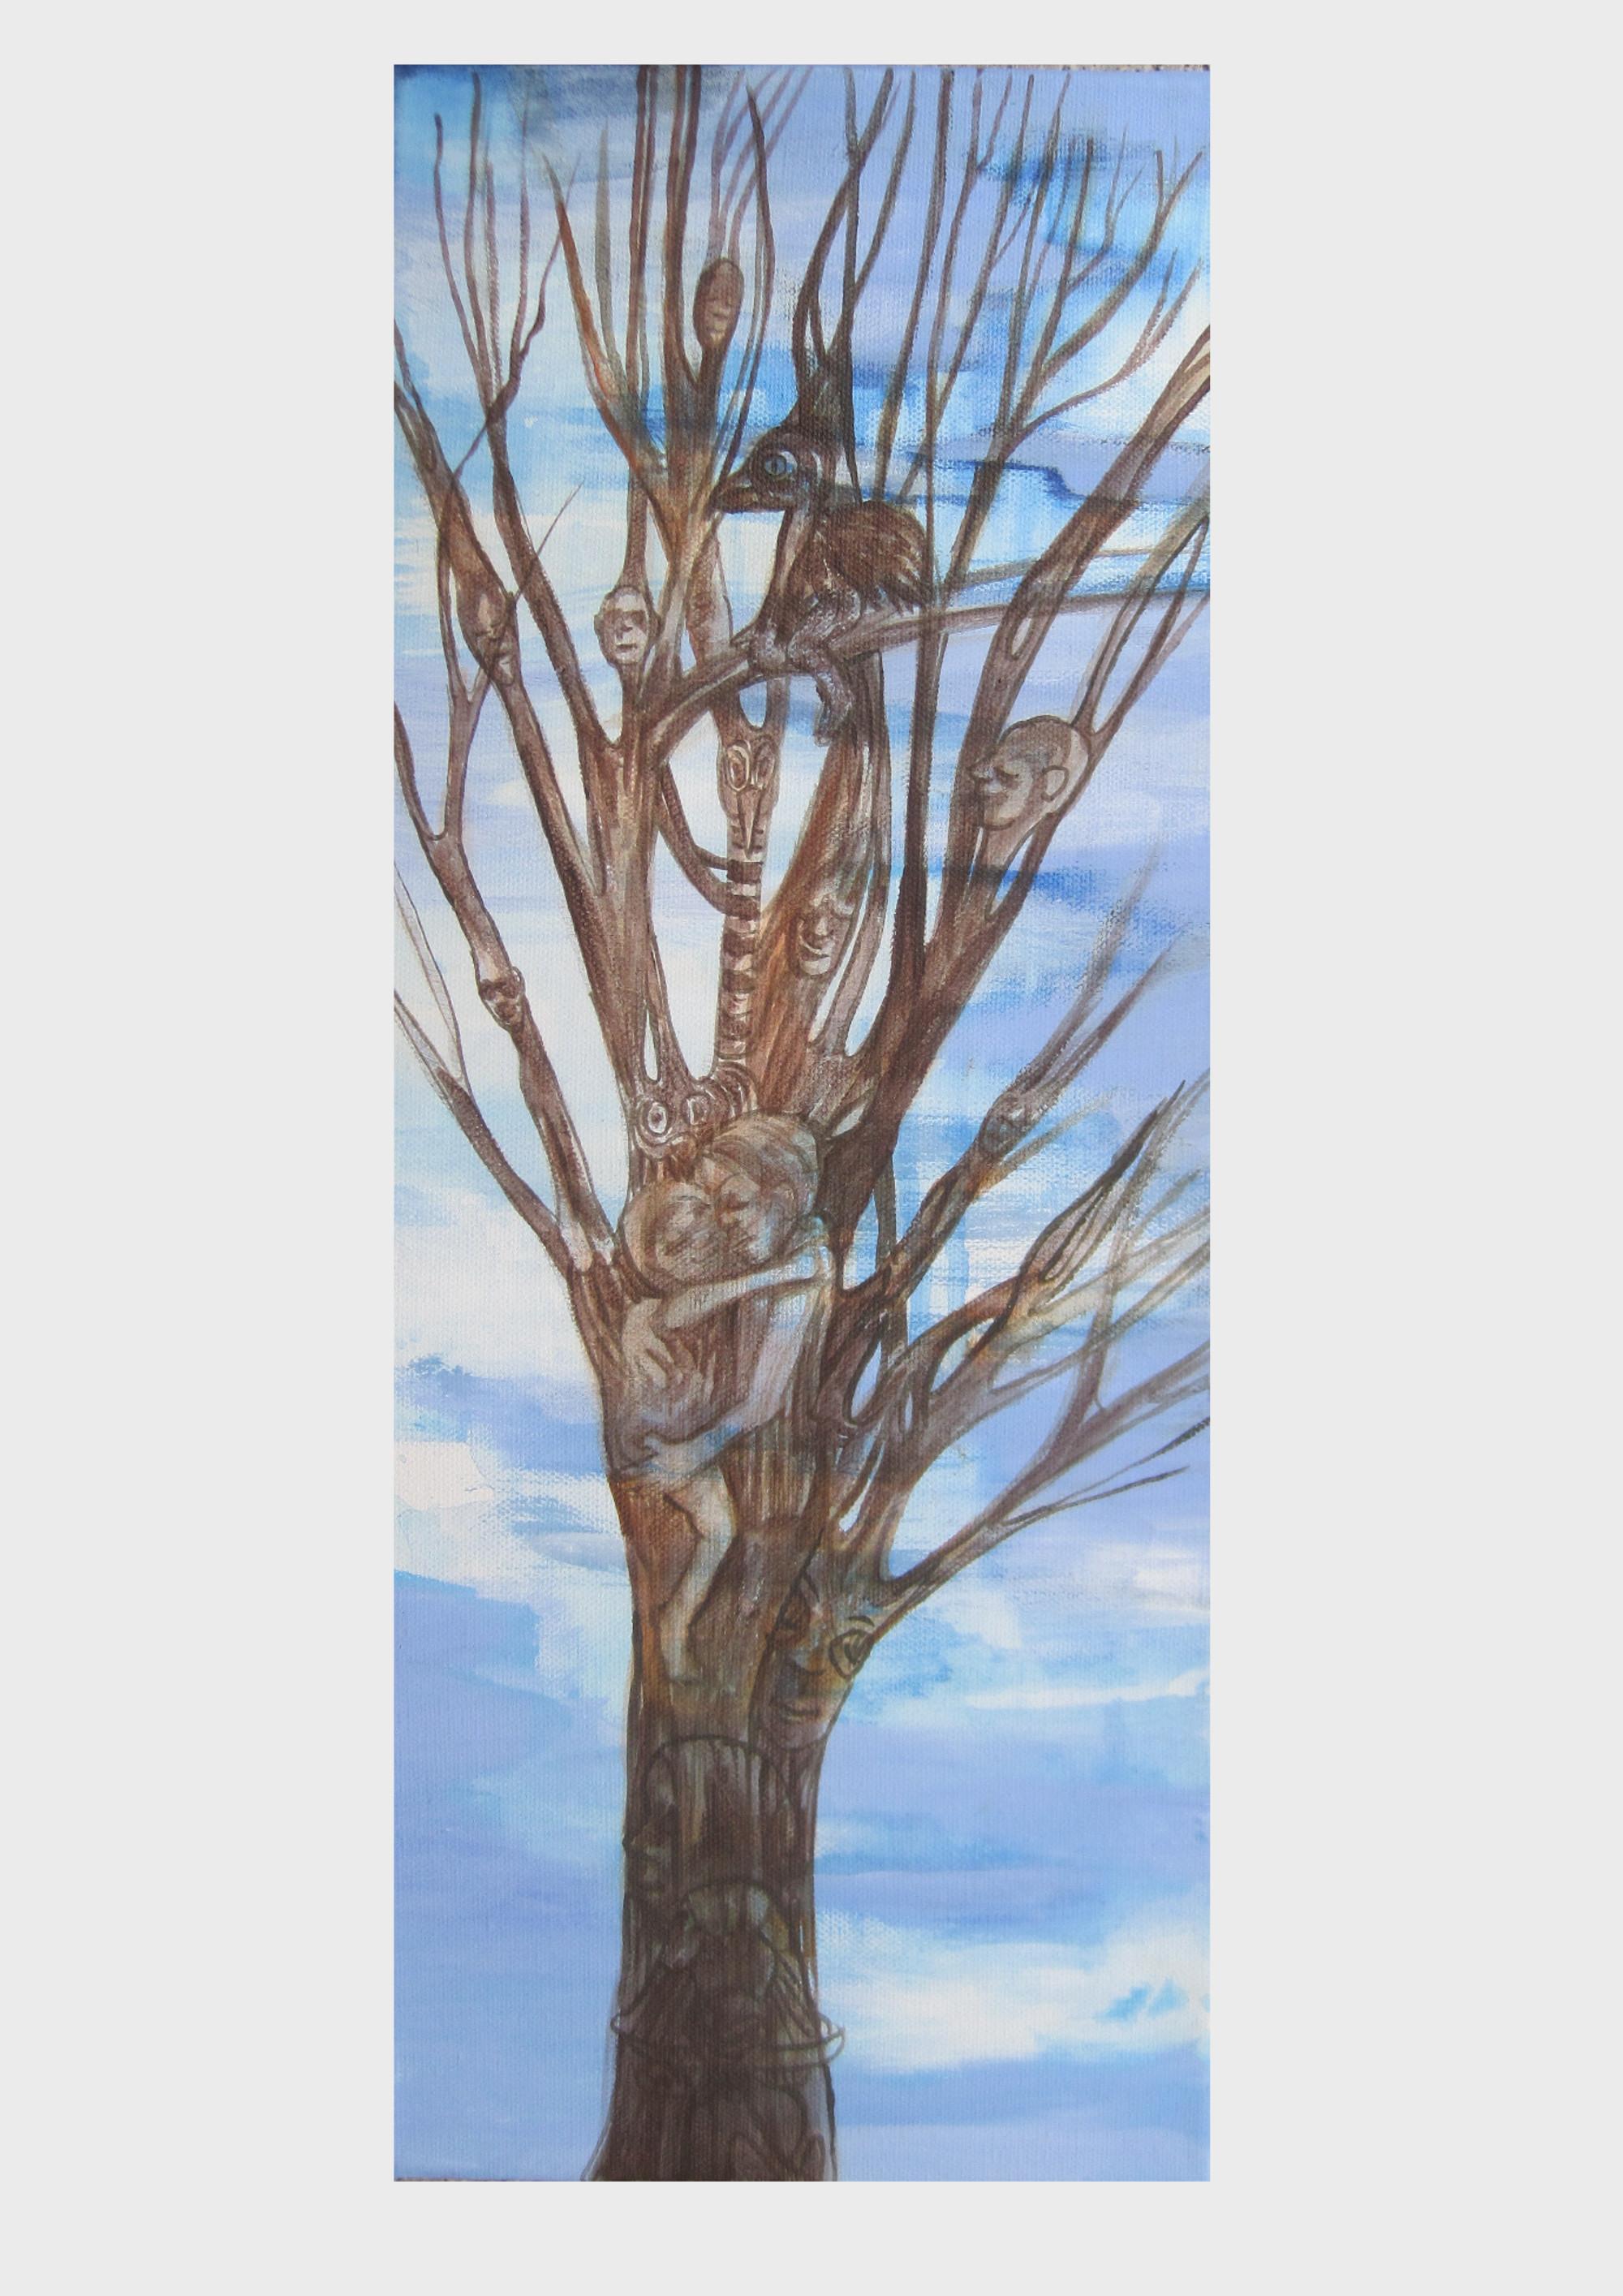 Baumfamilie: Ein Baum im Wolkenhimmel, Malerei von Dorothea Koch. Liebend wachsen alle zu einem Baum zusammen, die Baumfamilie, der Stammbaum, alle verschmelzen in diesem Bild vor dem himmelblauen Wolkenhimmel